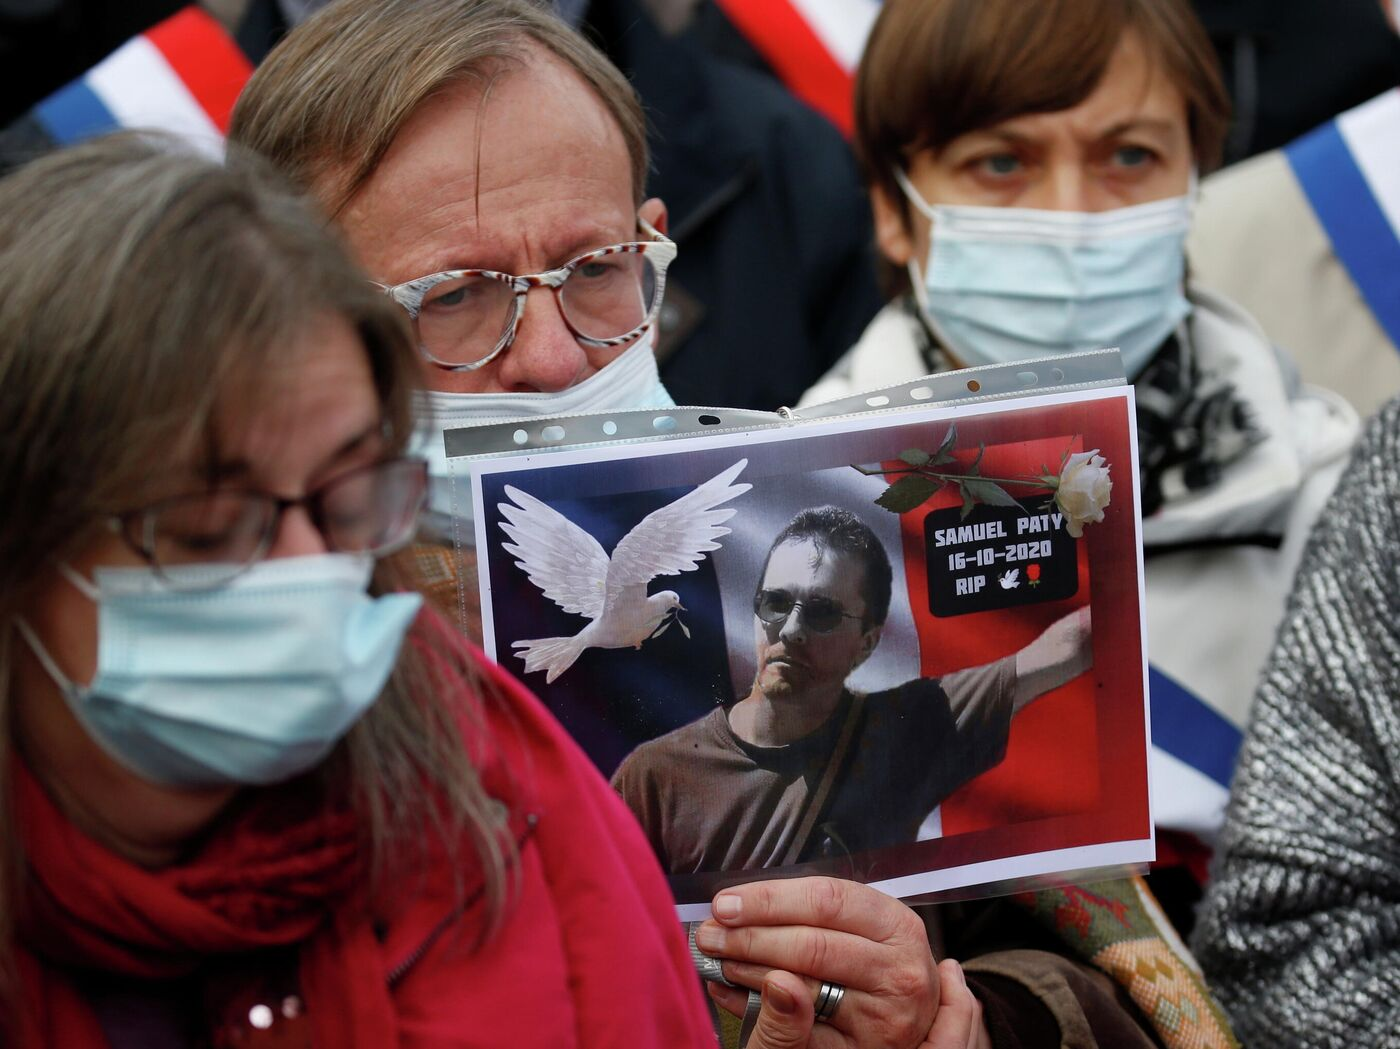 СМИ: убийца учителя во Франции выложил обращение на русском - РИА Новости,  21.10.2020